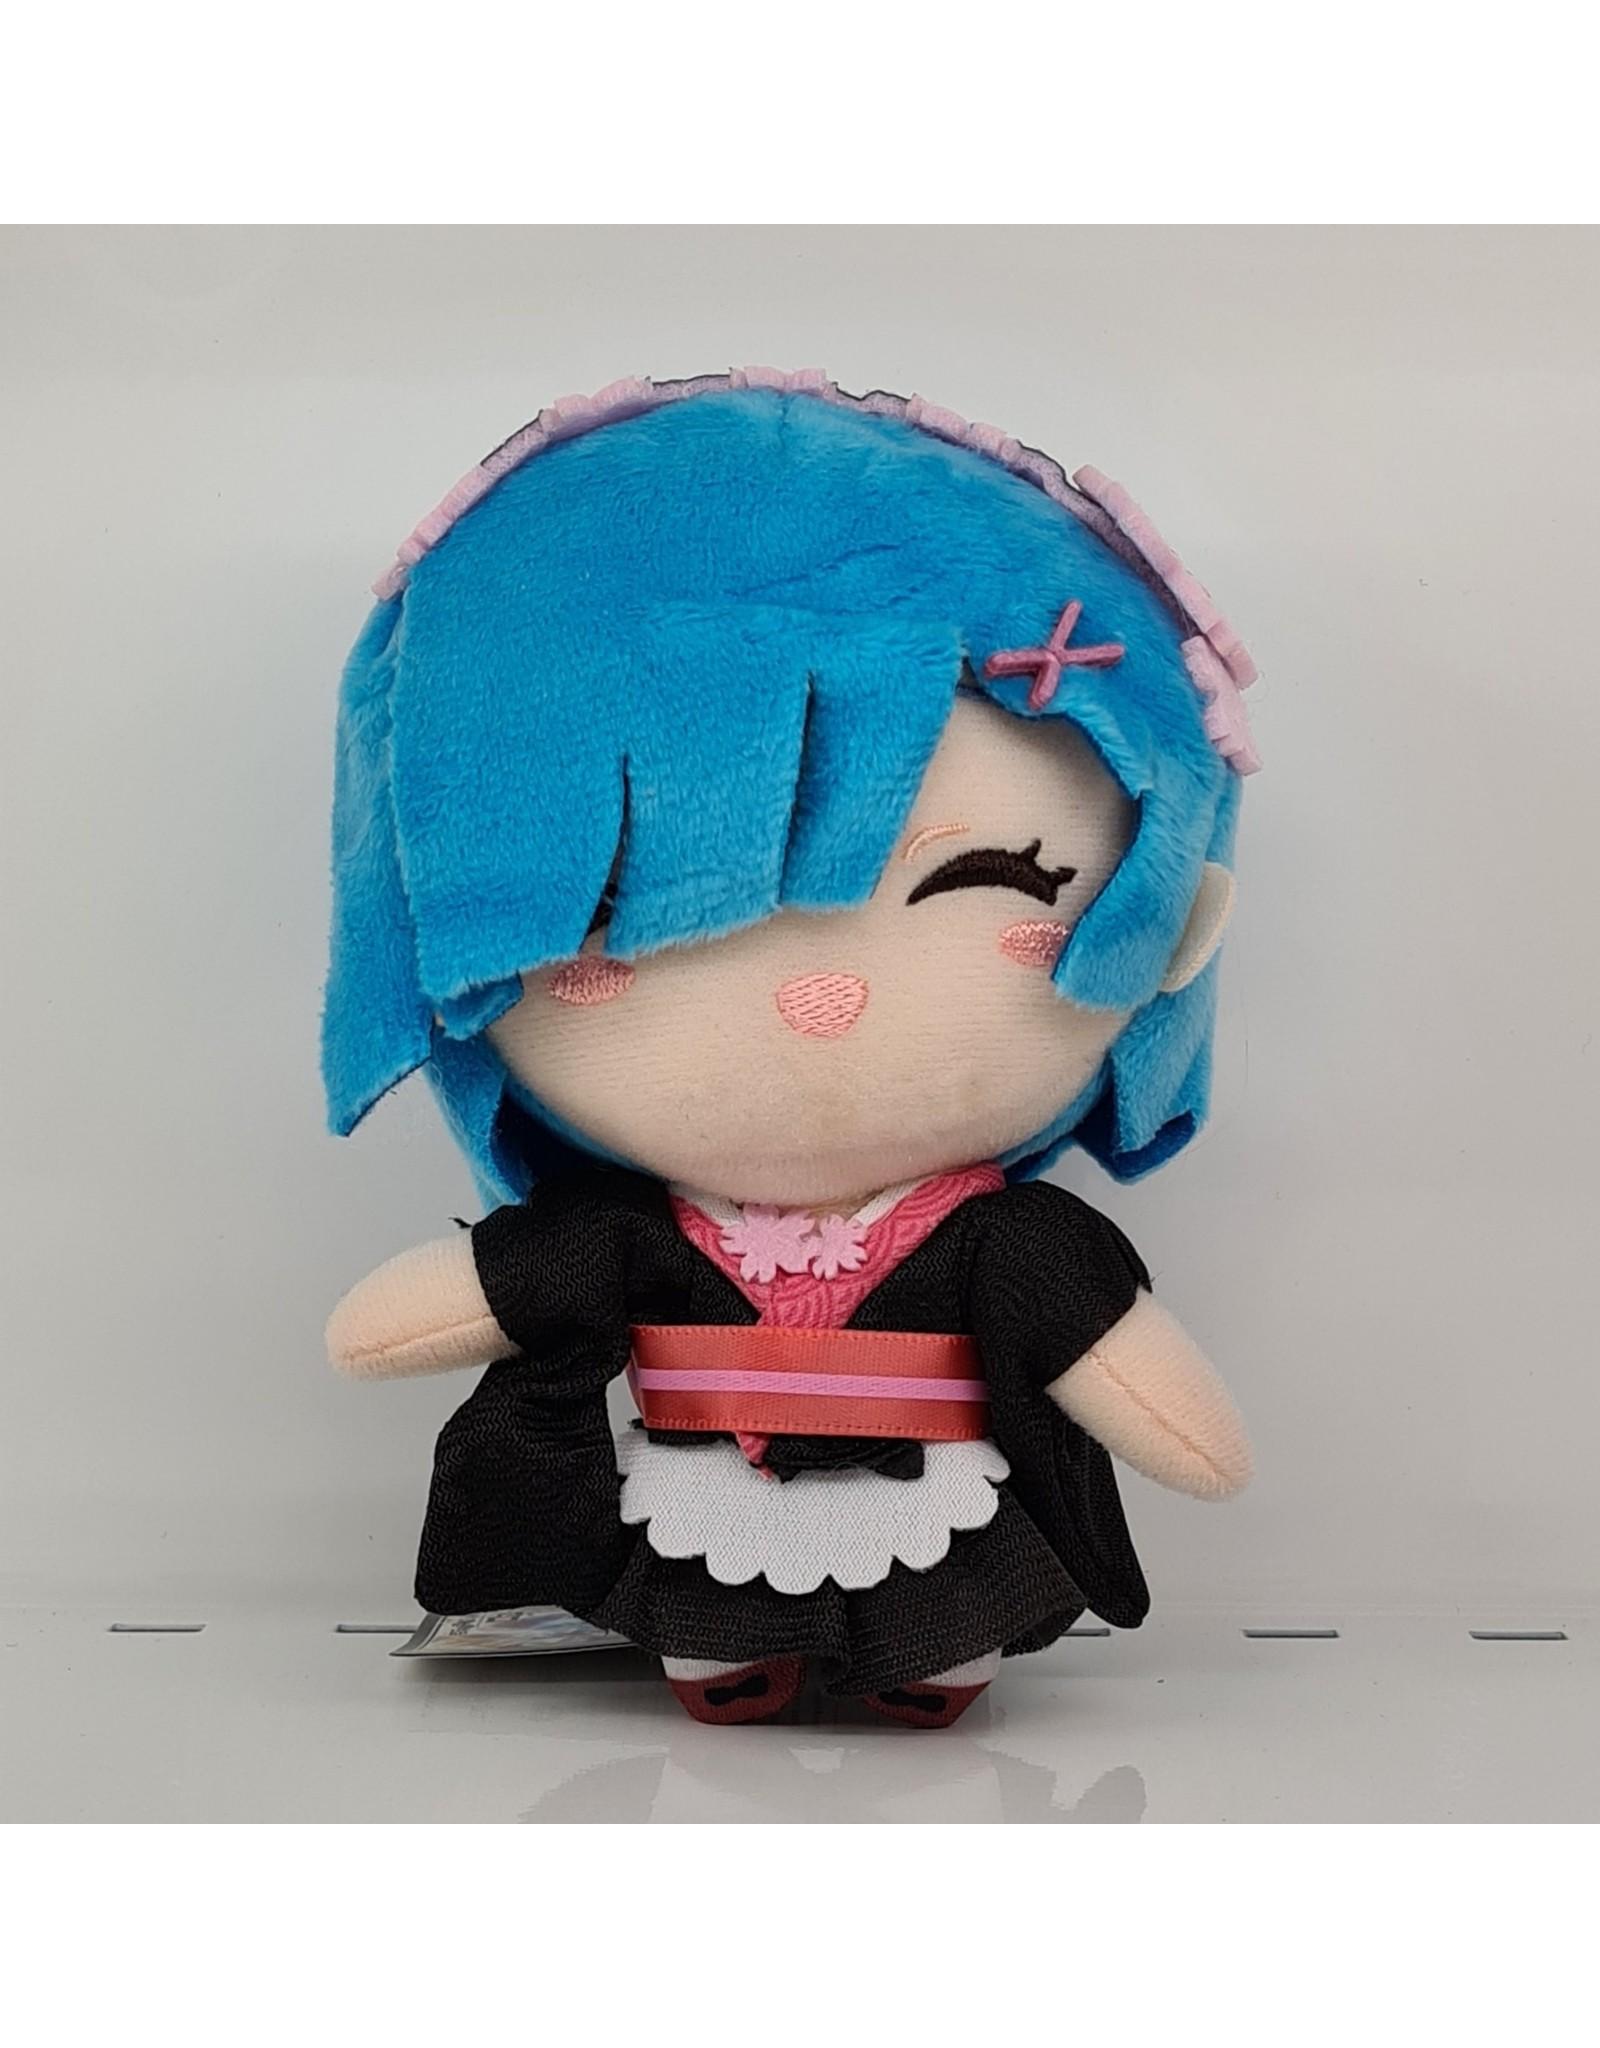 Re:Zero Sakura Rem Mascot Plush - Black - 13 cm